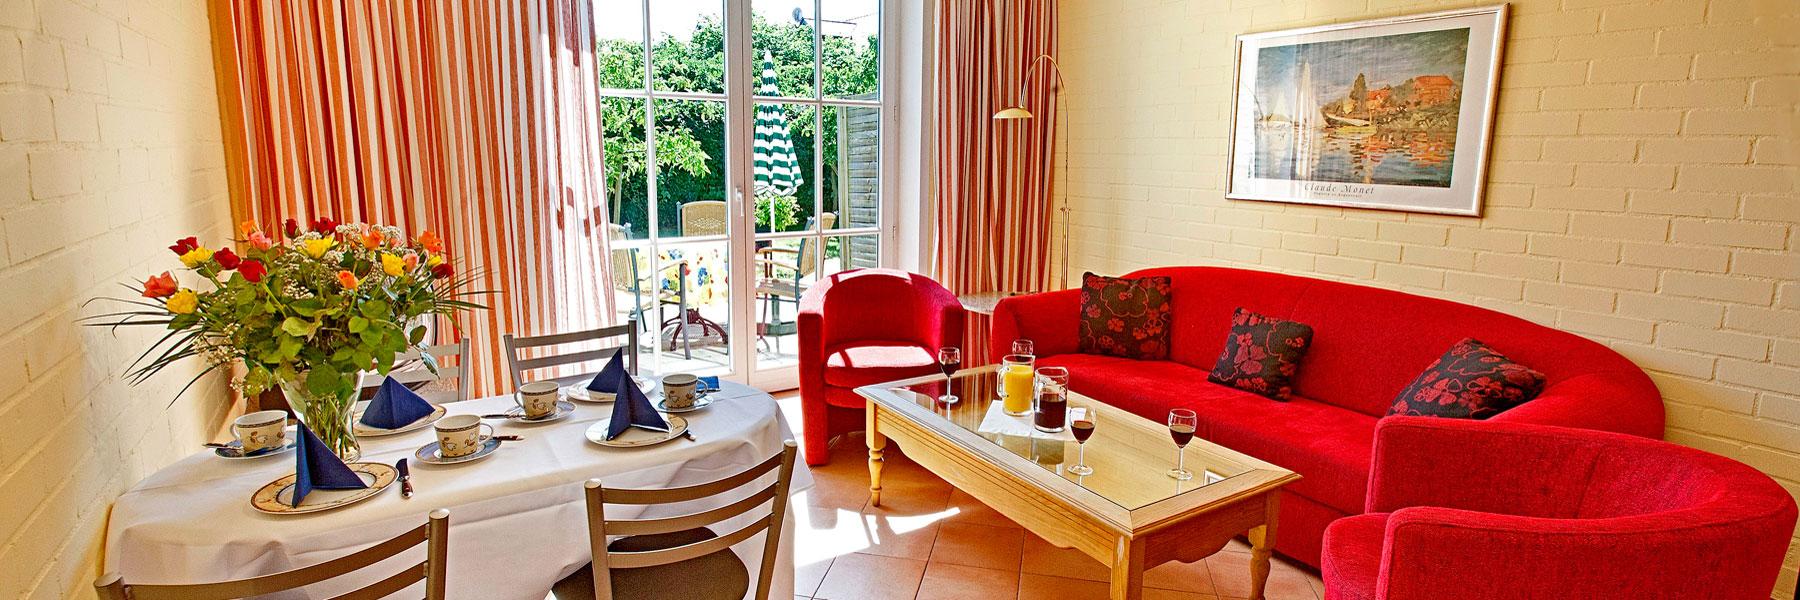 Ferienwohnung - Villa Edda (Hotel Garni - Ferienwohnungen - Appartements)